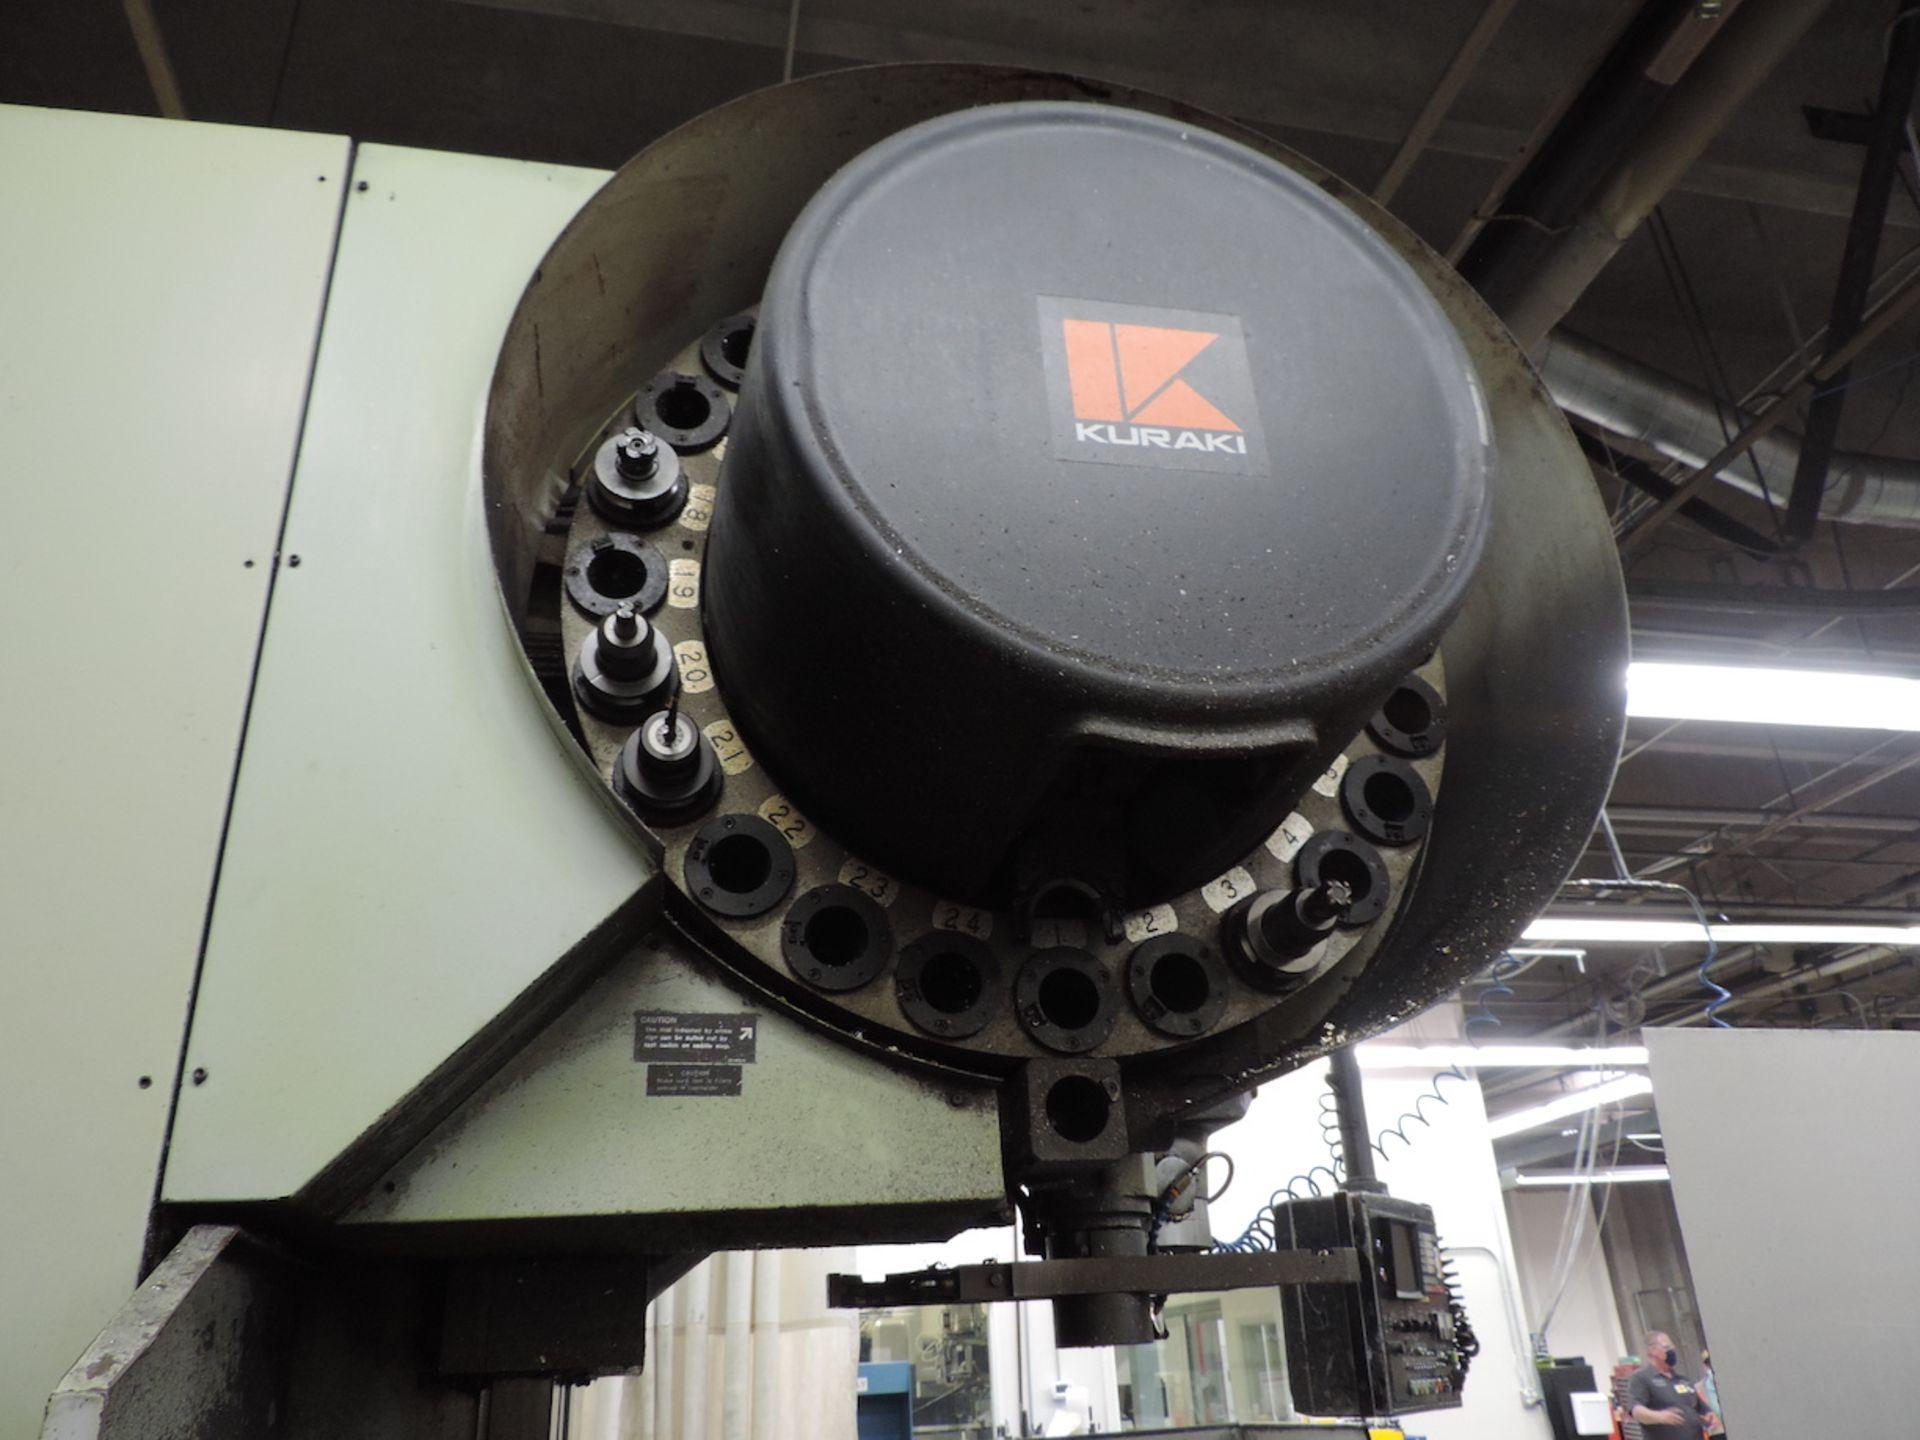 KURAKI KV-2000 KV-1600W VMC, FANUC 6M CONTROL, 3000 RPM, 50 TAPER SPINDLE, 24 ATC, XYZ TRAVELS: - Image 10 of 13